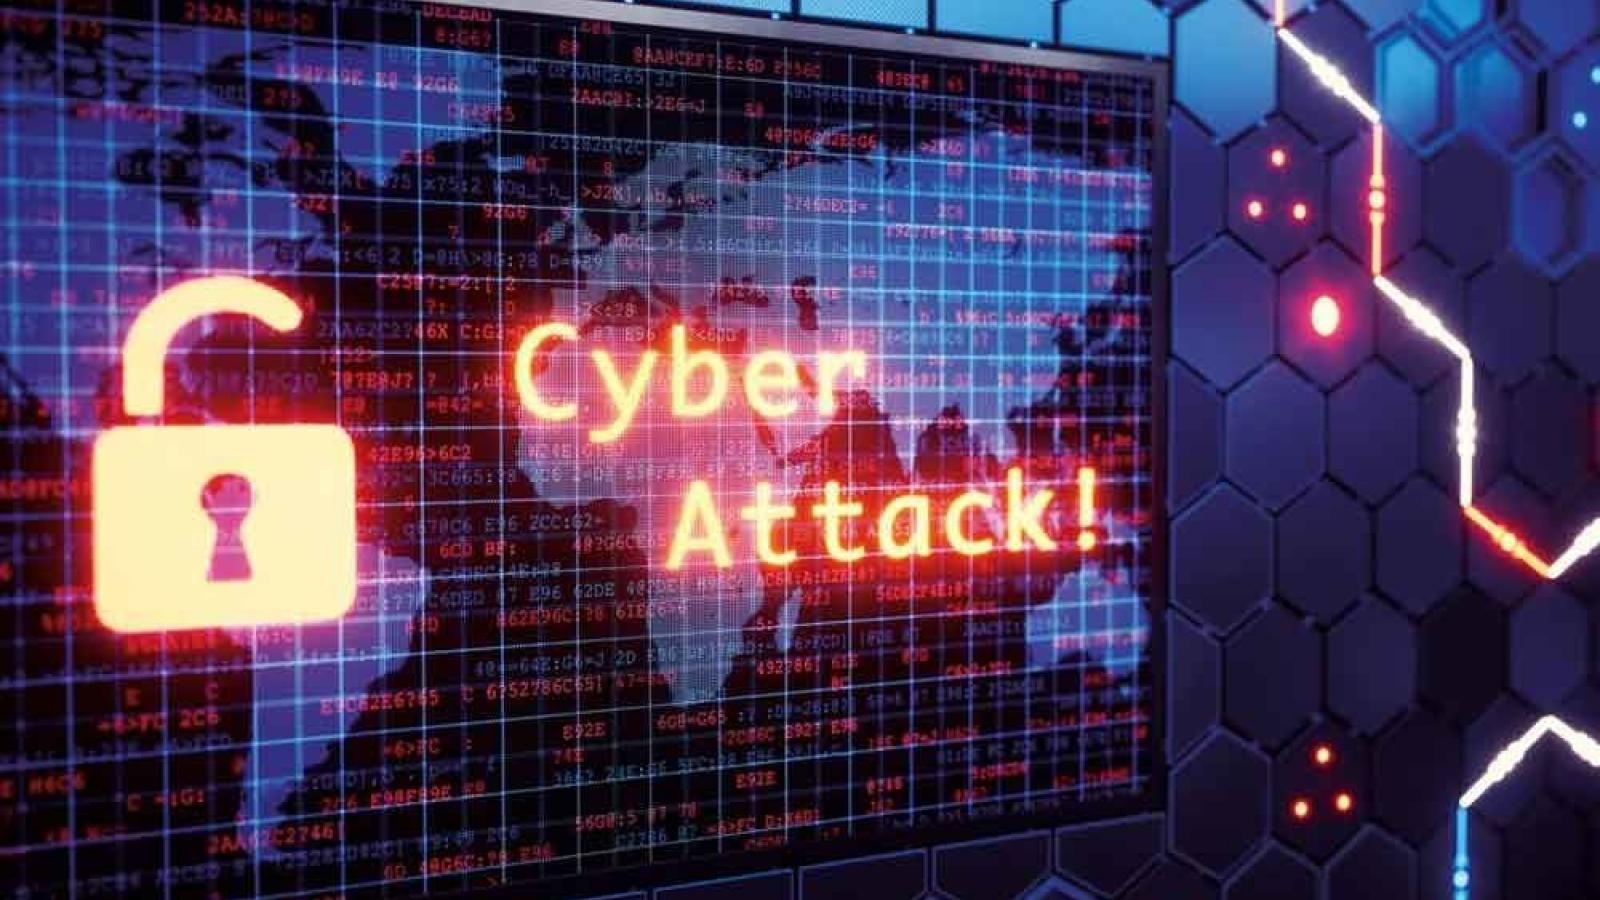 Mỹ cảnh báo tấn công mạng có thể dẫn đến một cuộc chiến tranh